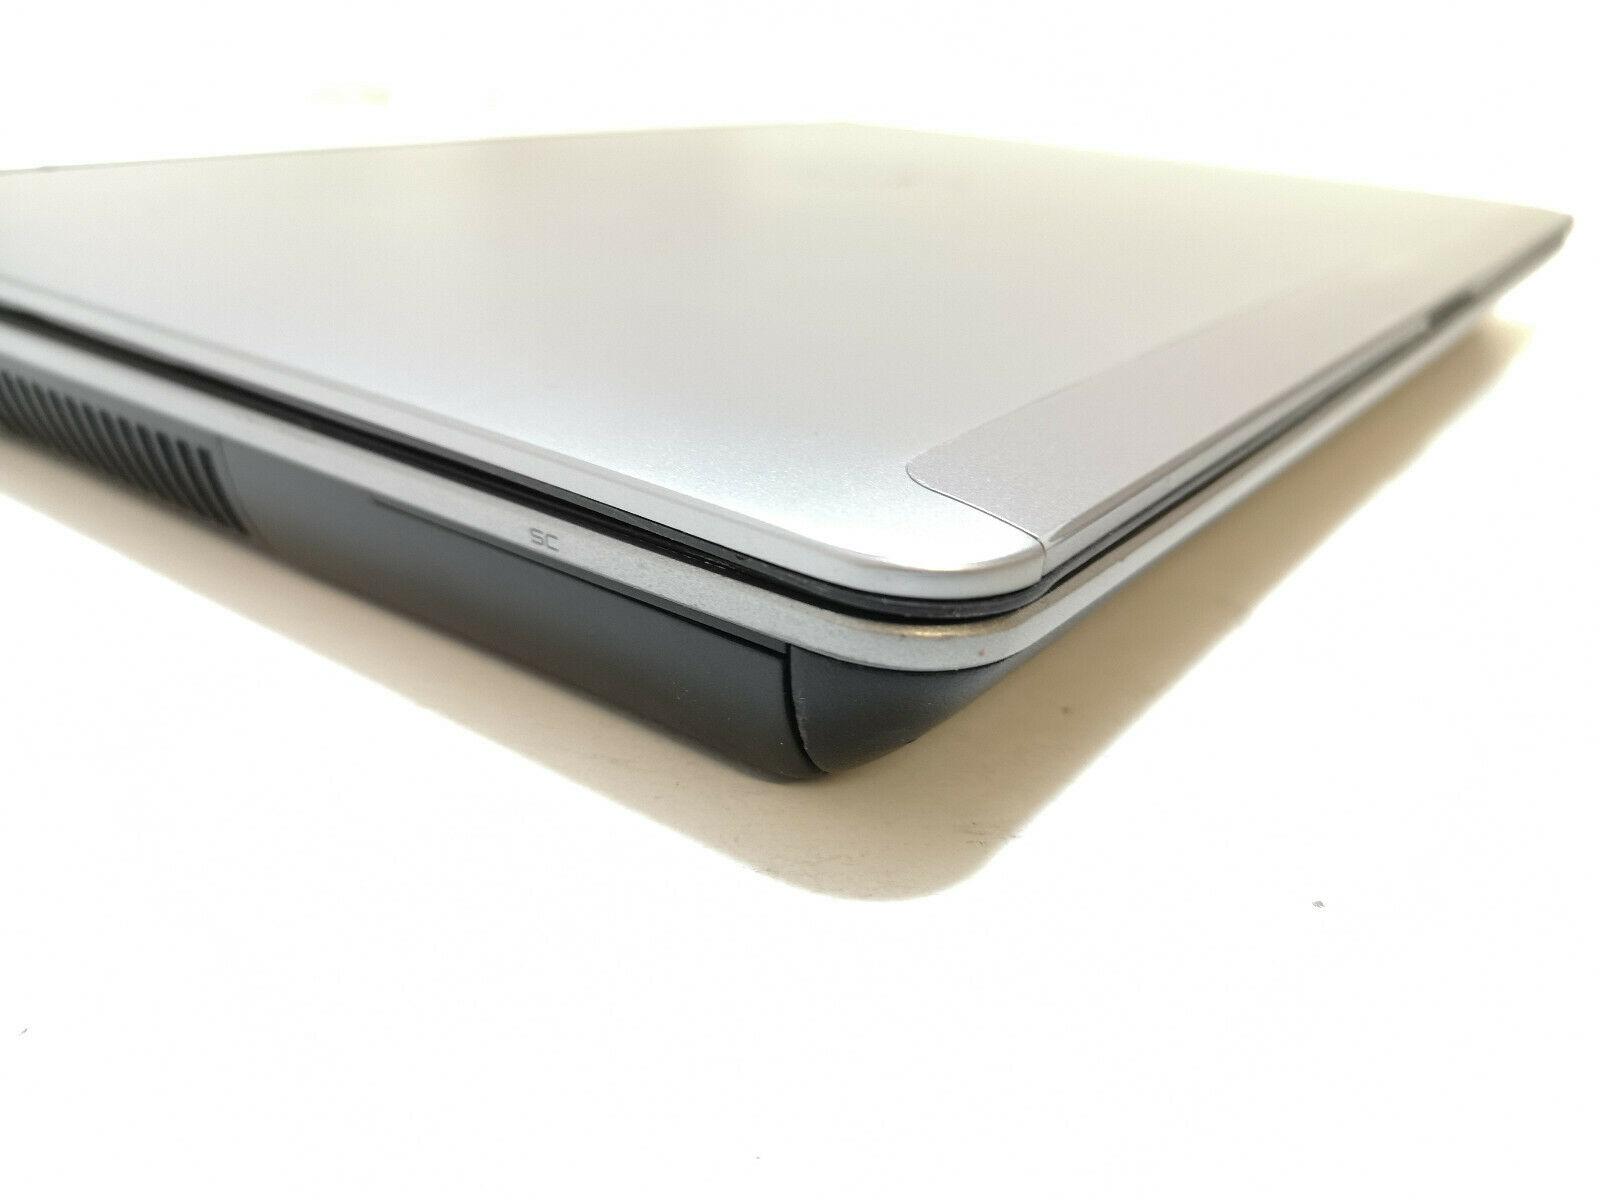 Dell Latitude E6440 No 6